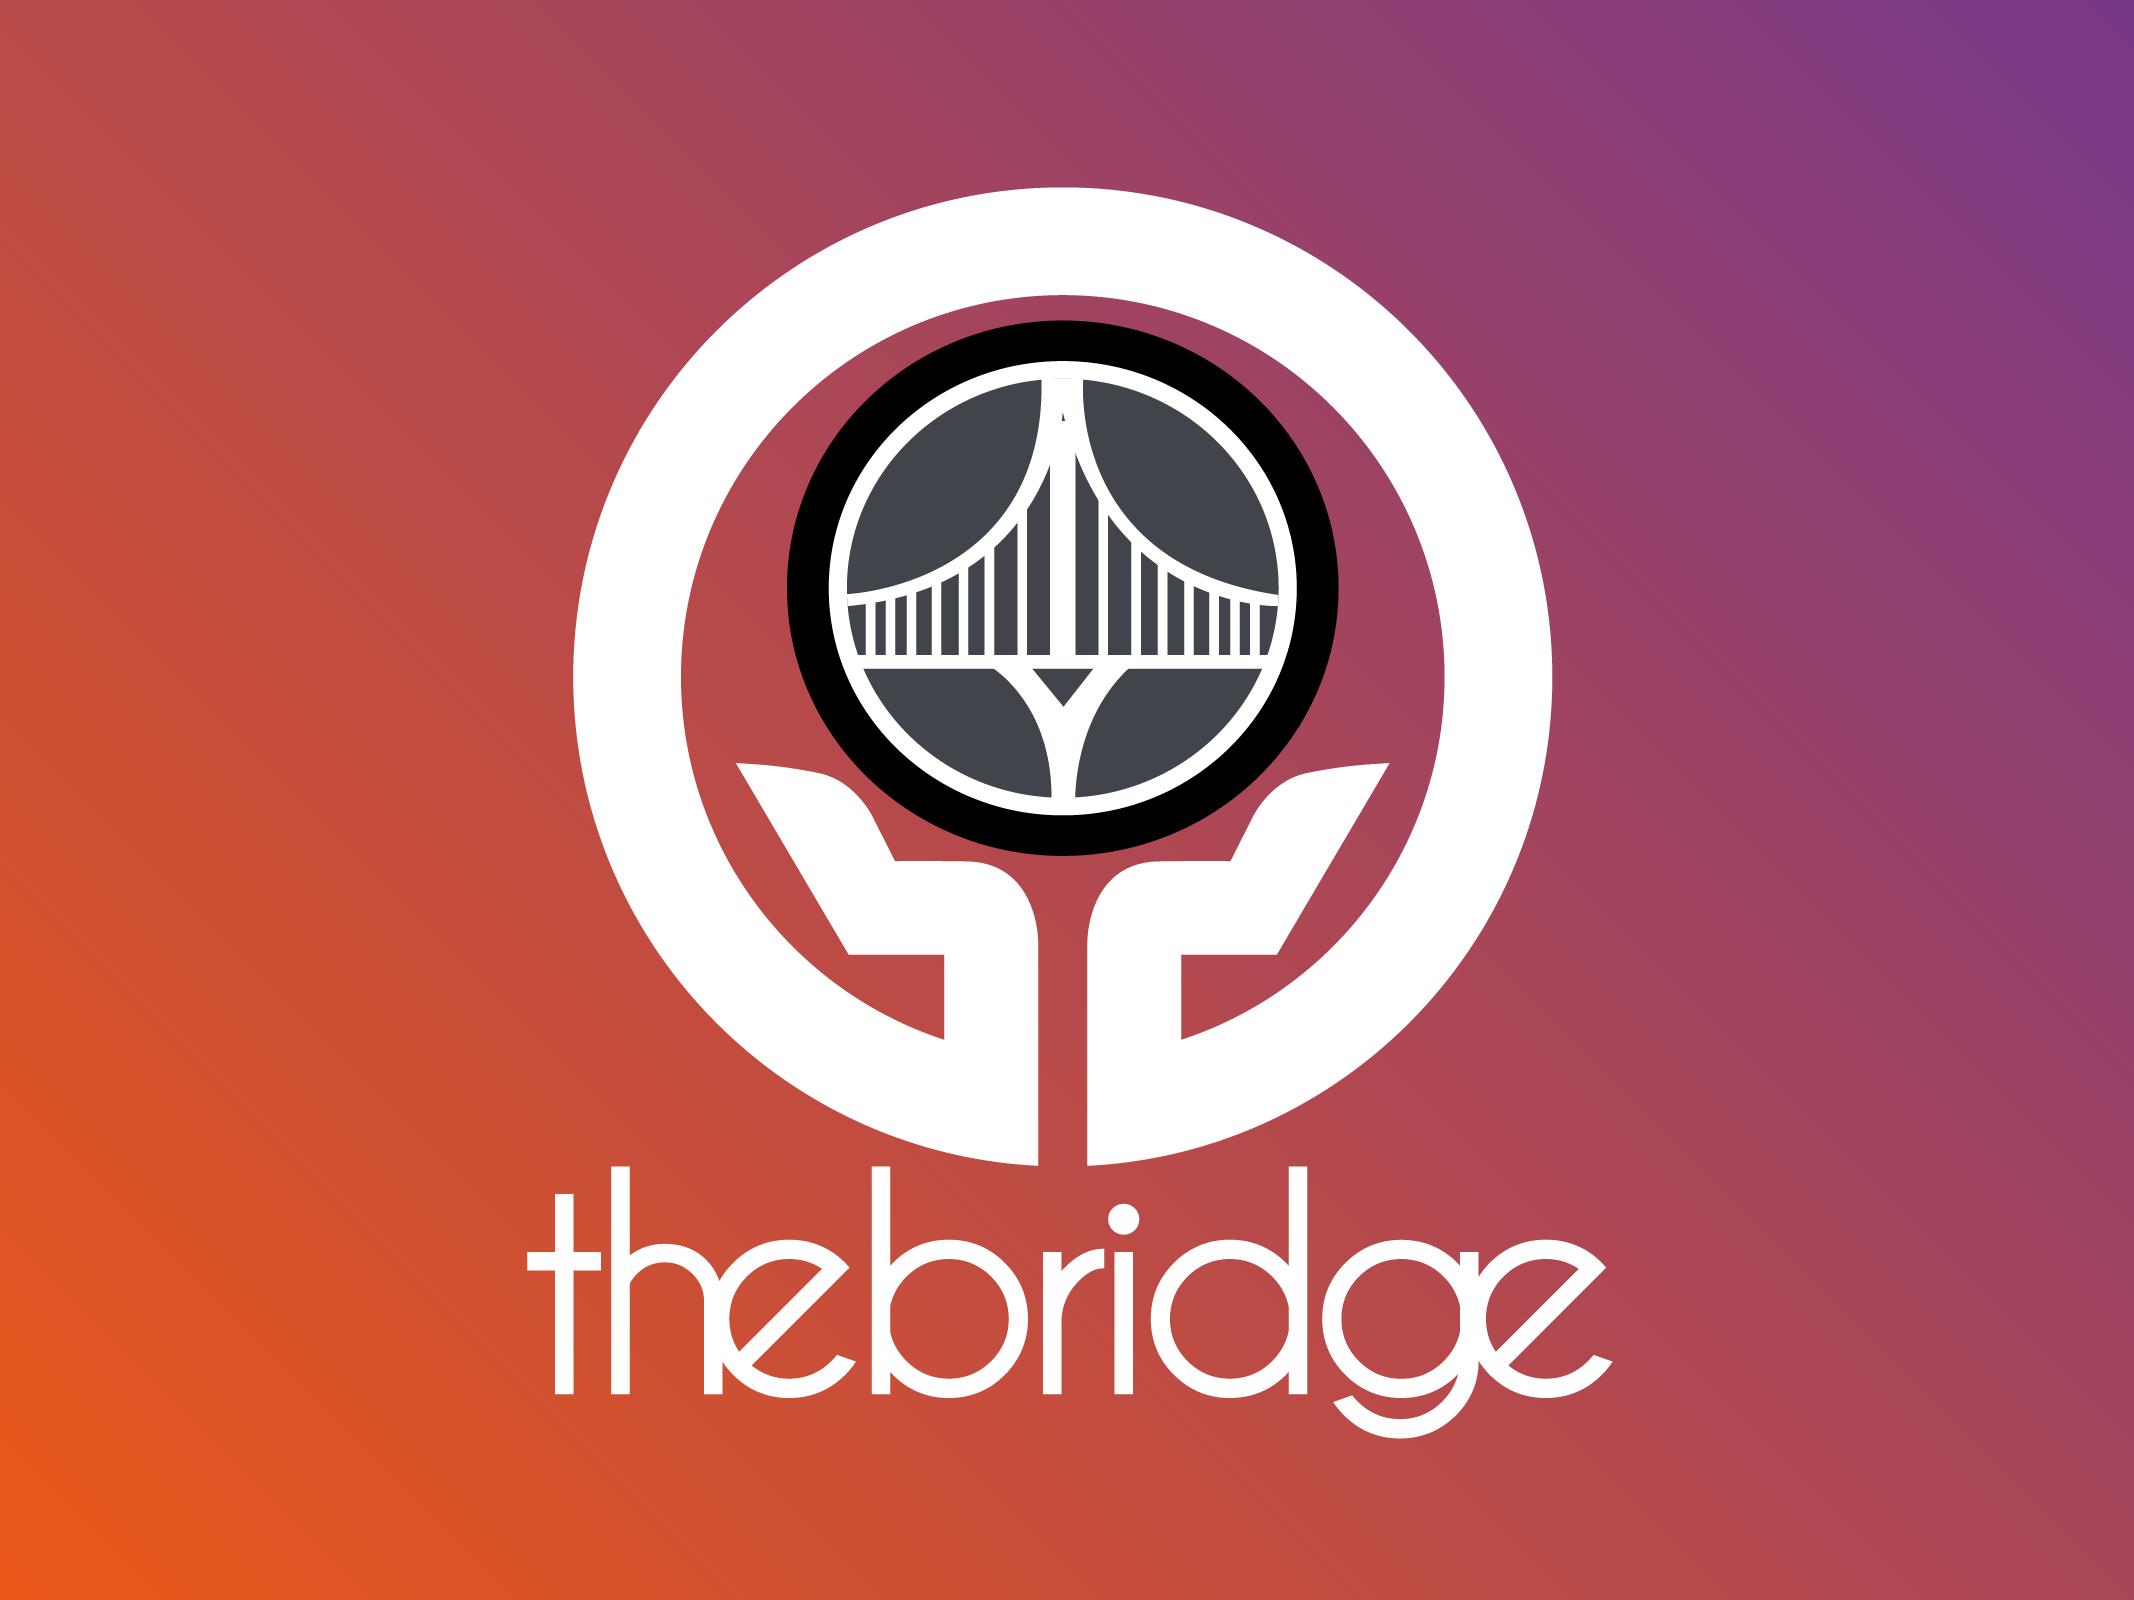 Thebridge 01